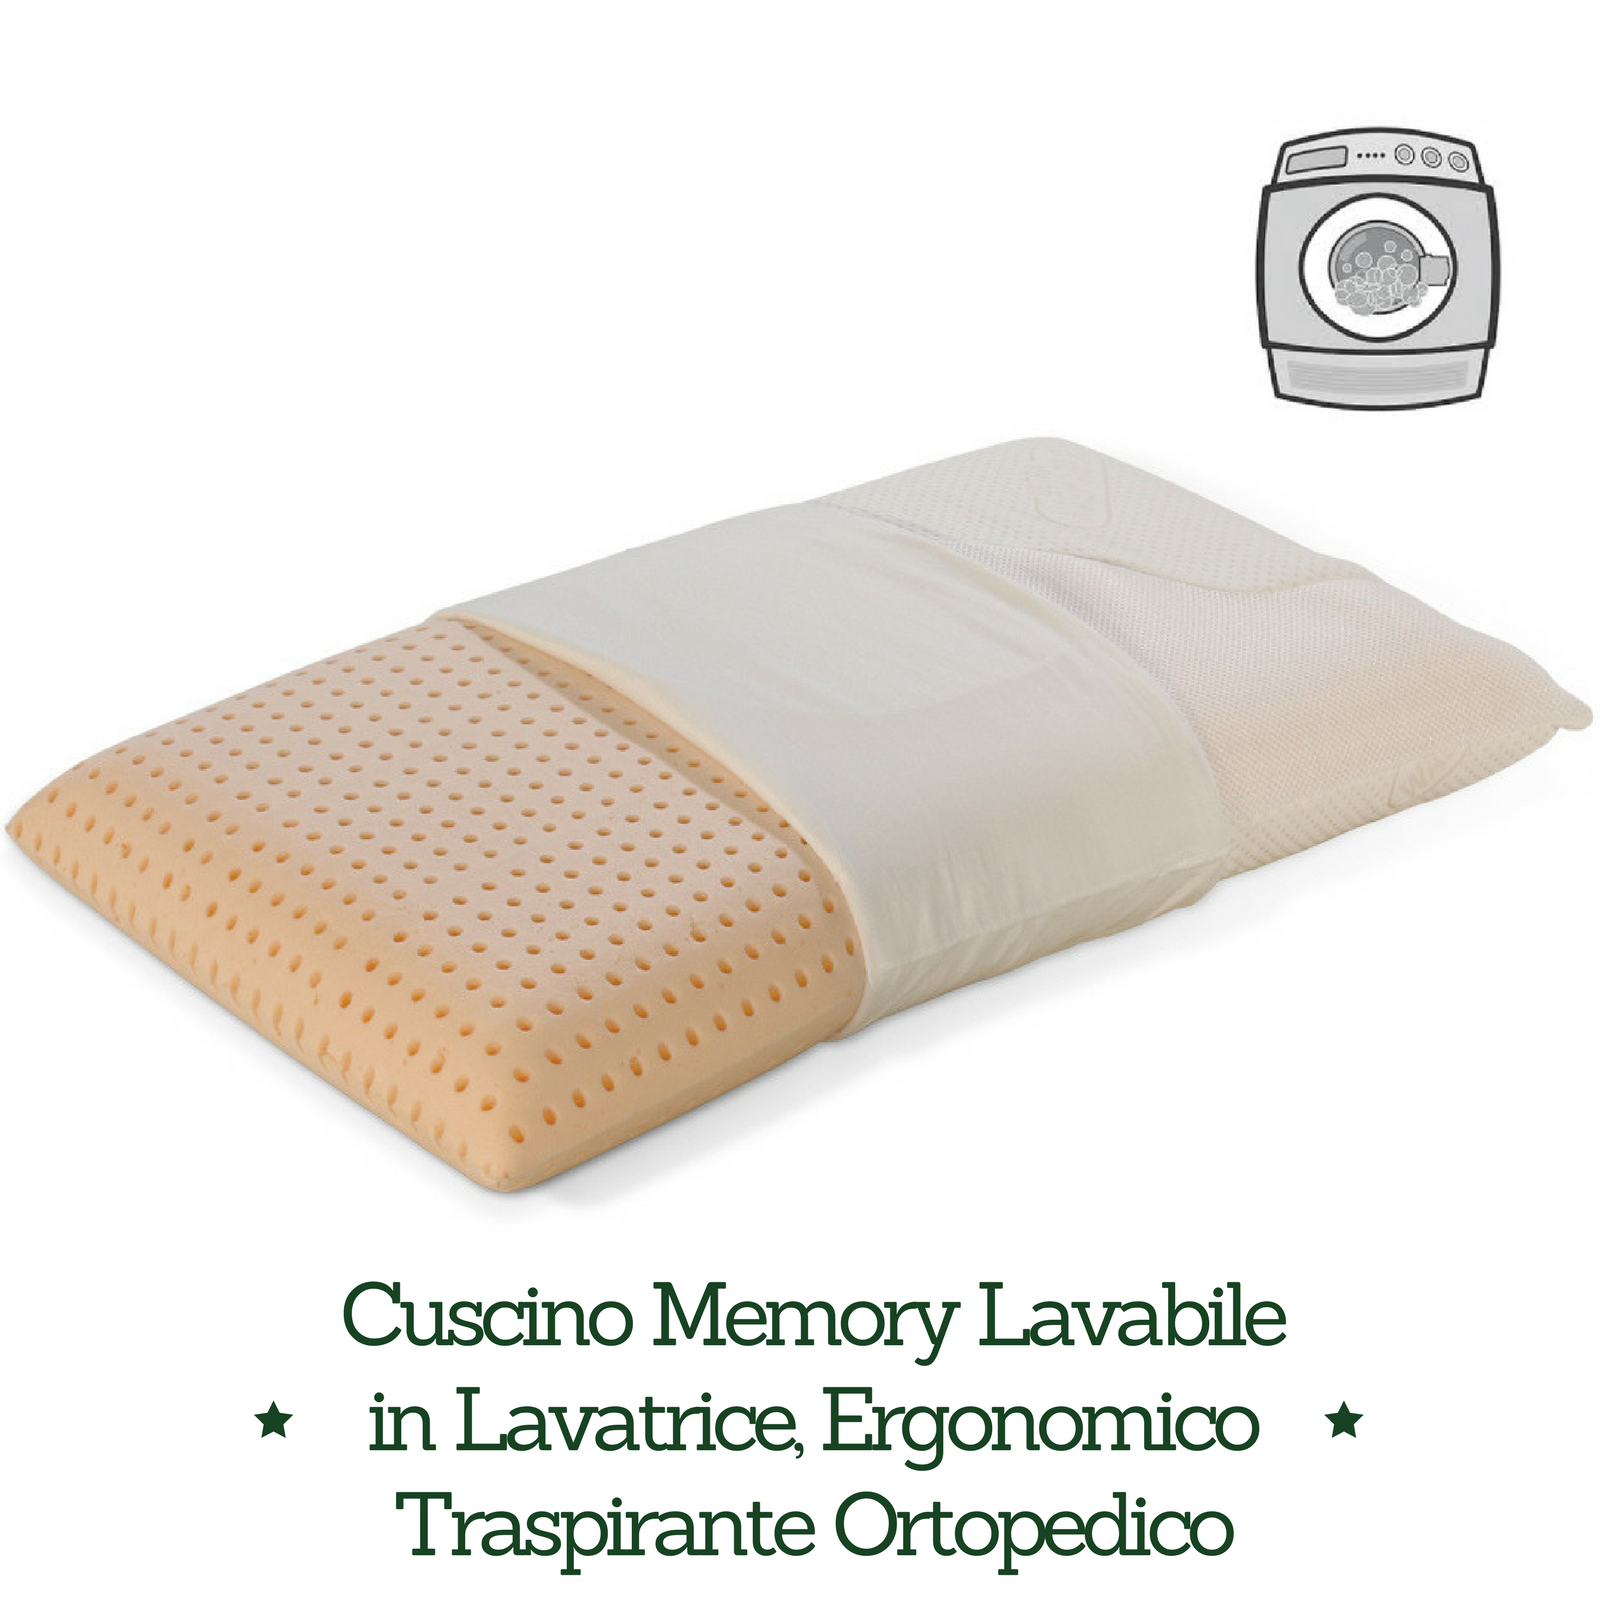 Cuscino Memory washable lavabile in lavatrice